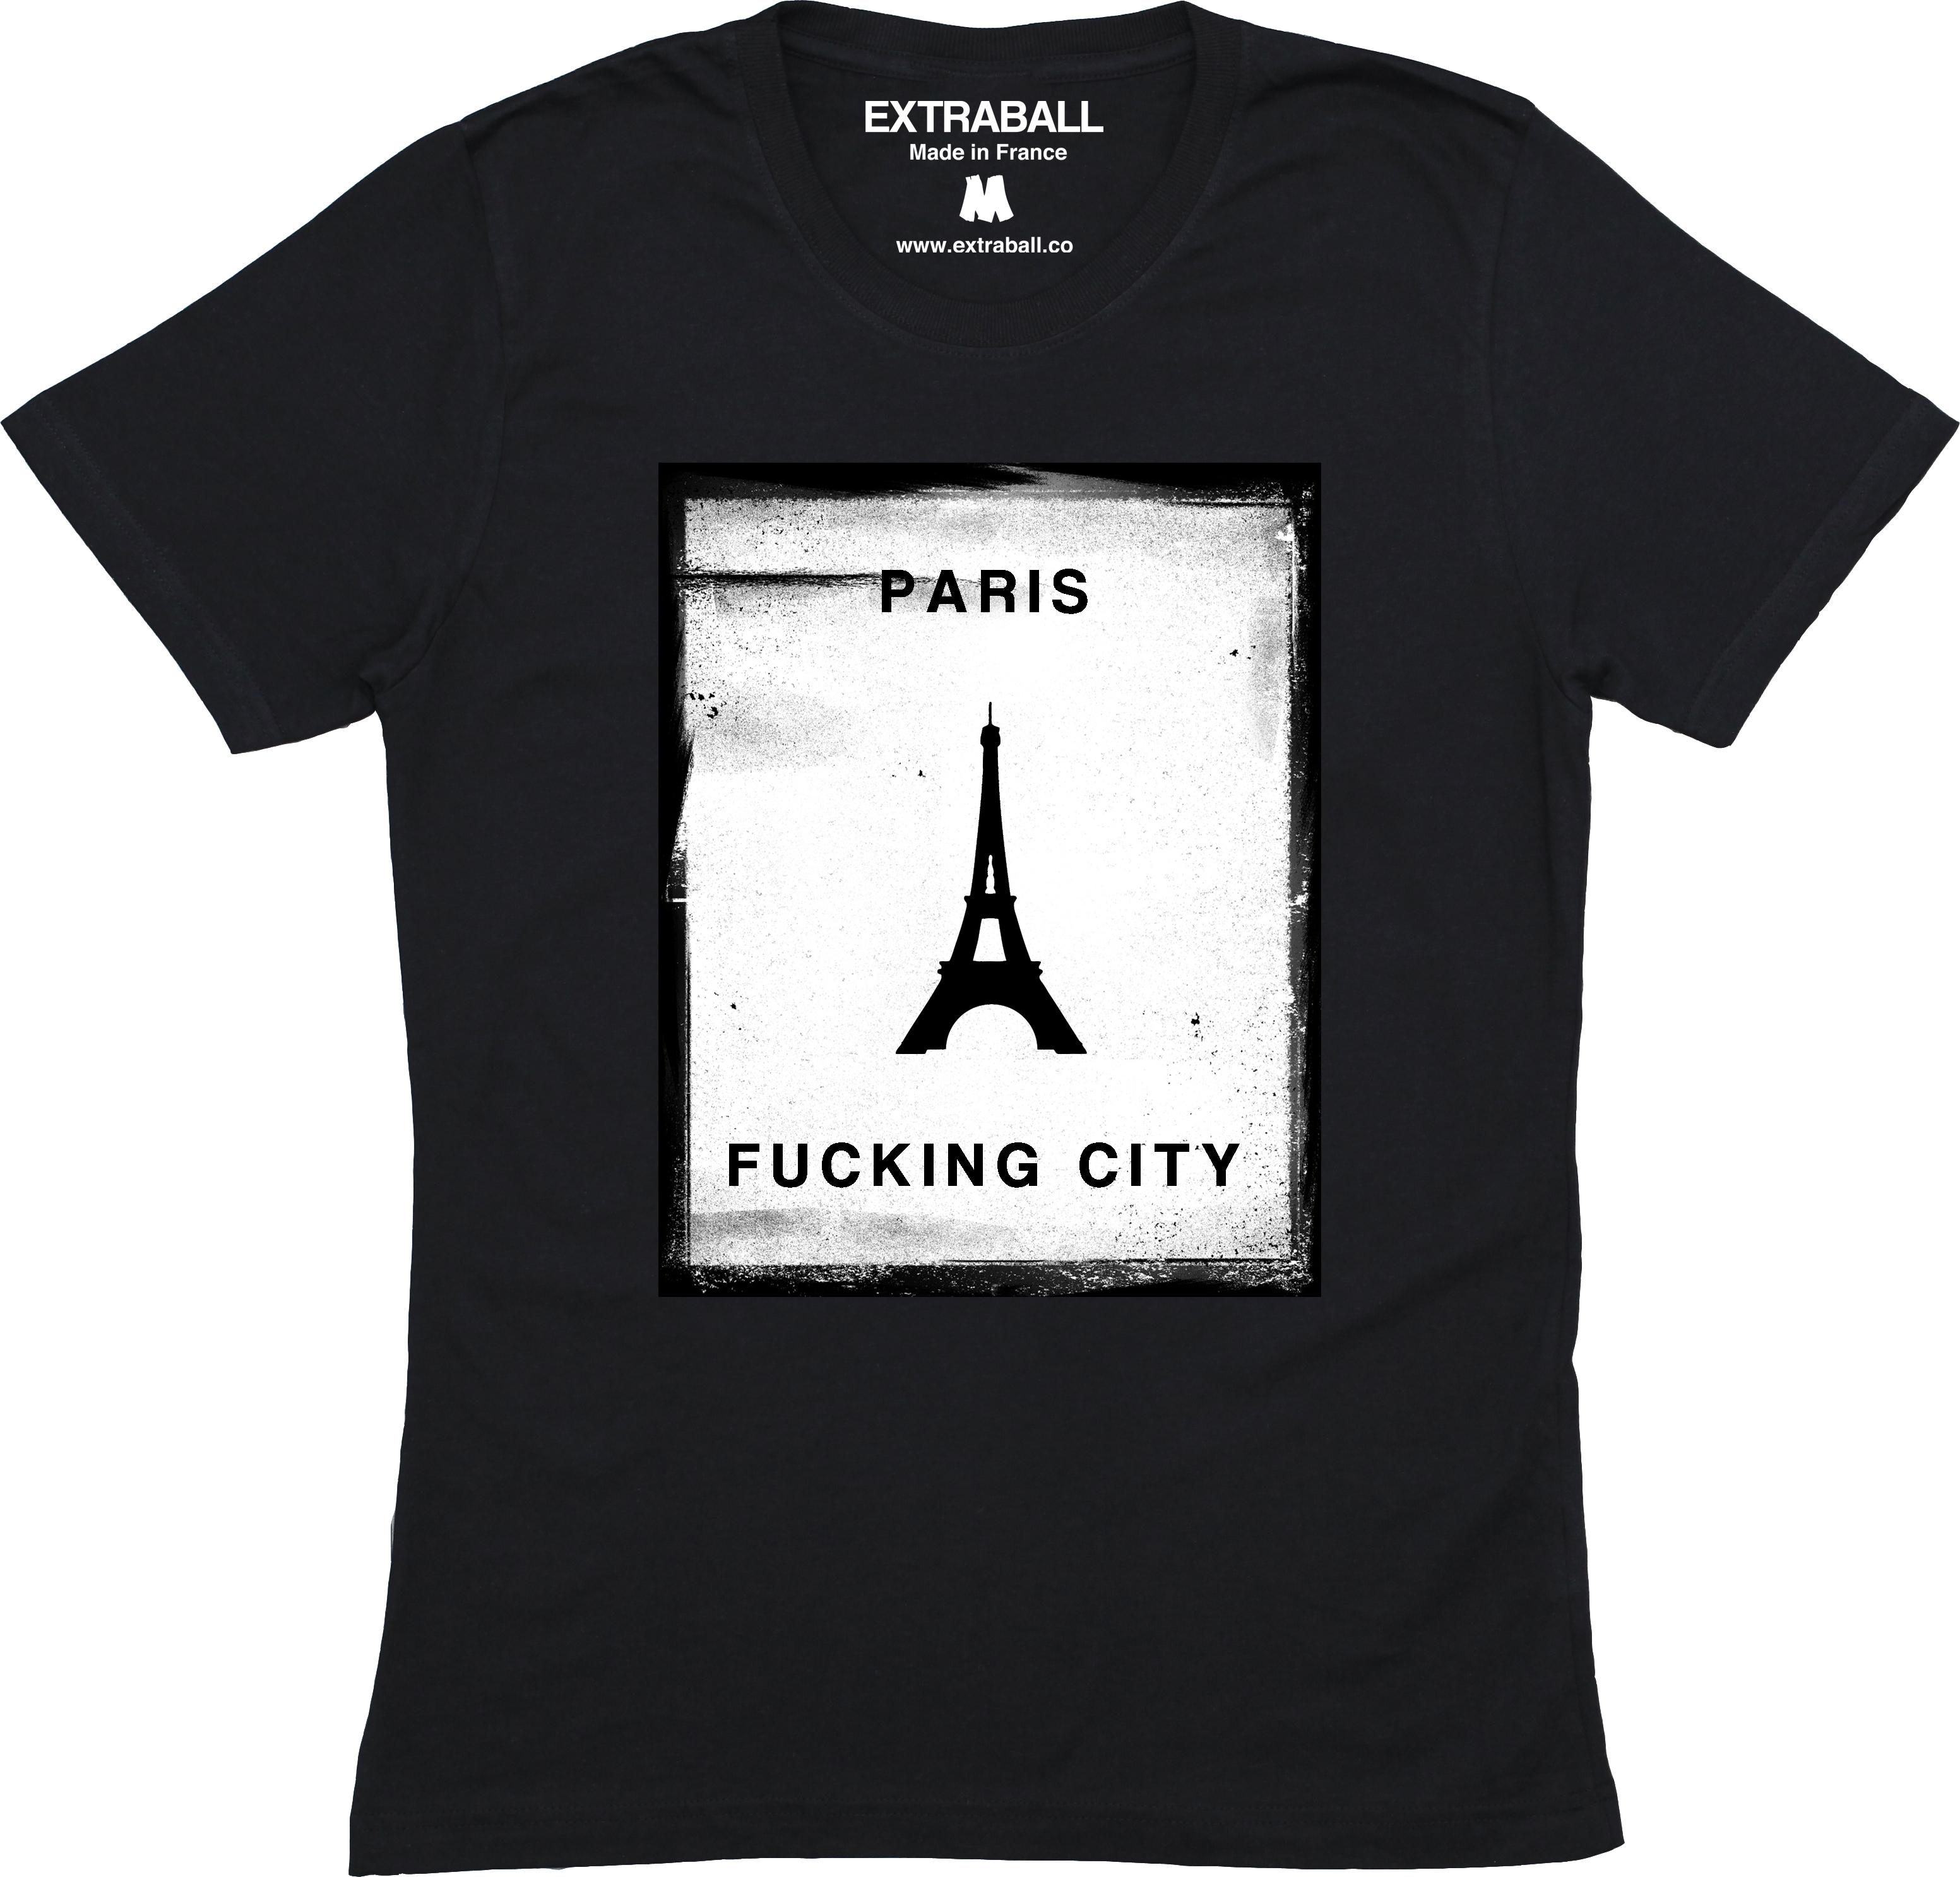 9e72d4254c570 Black t-shirt